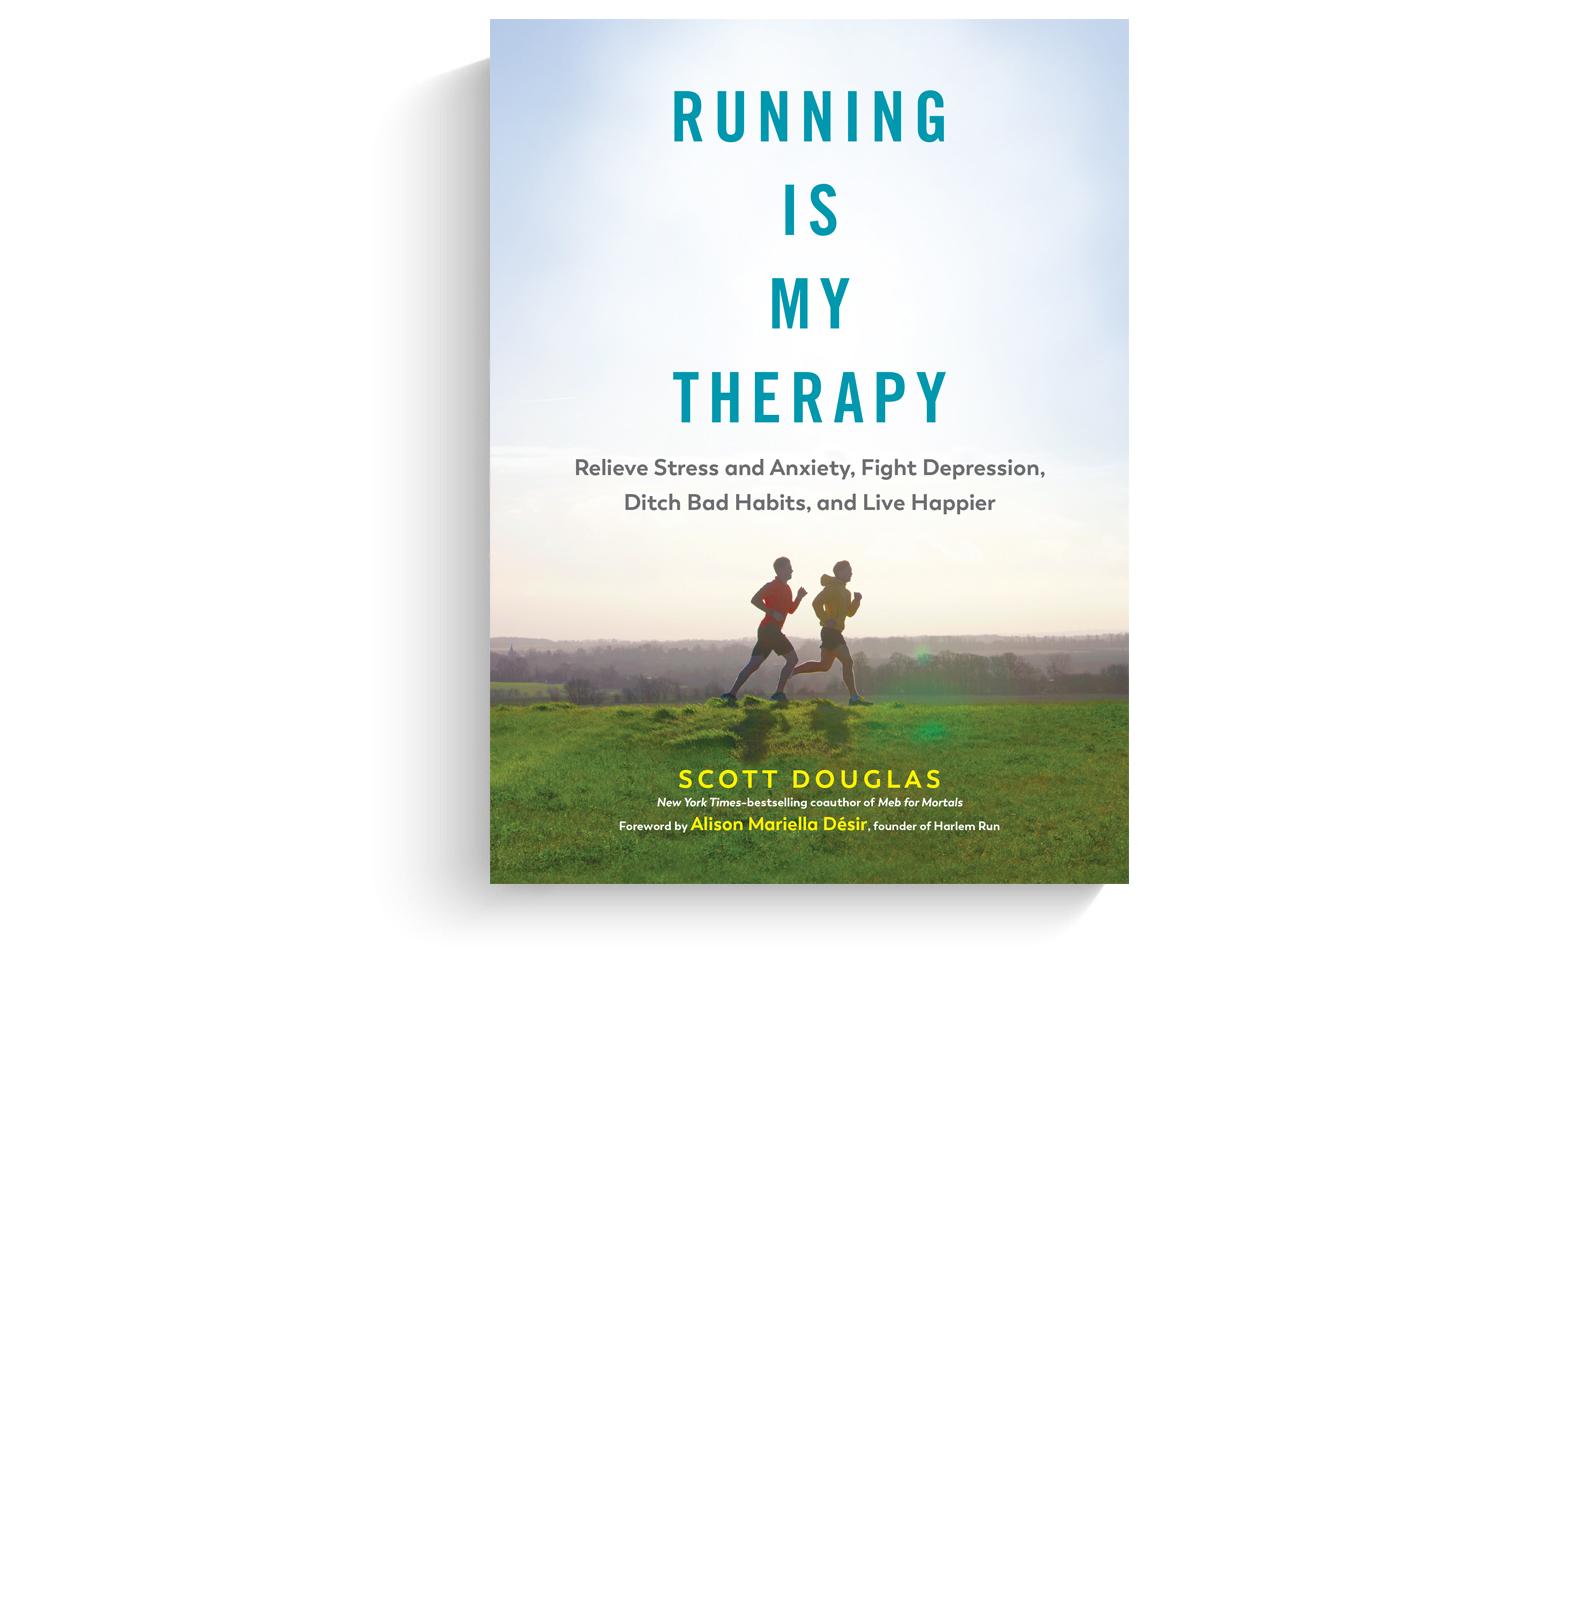 runningismytherapy.jpg